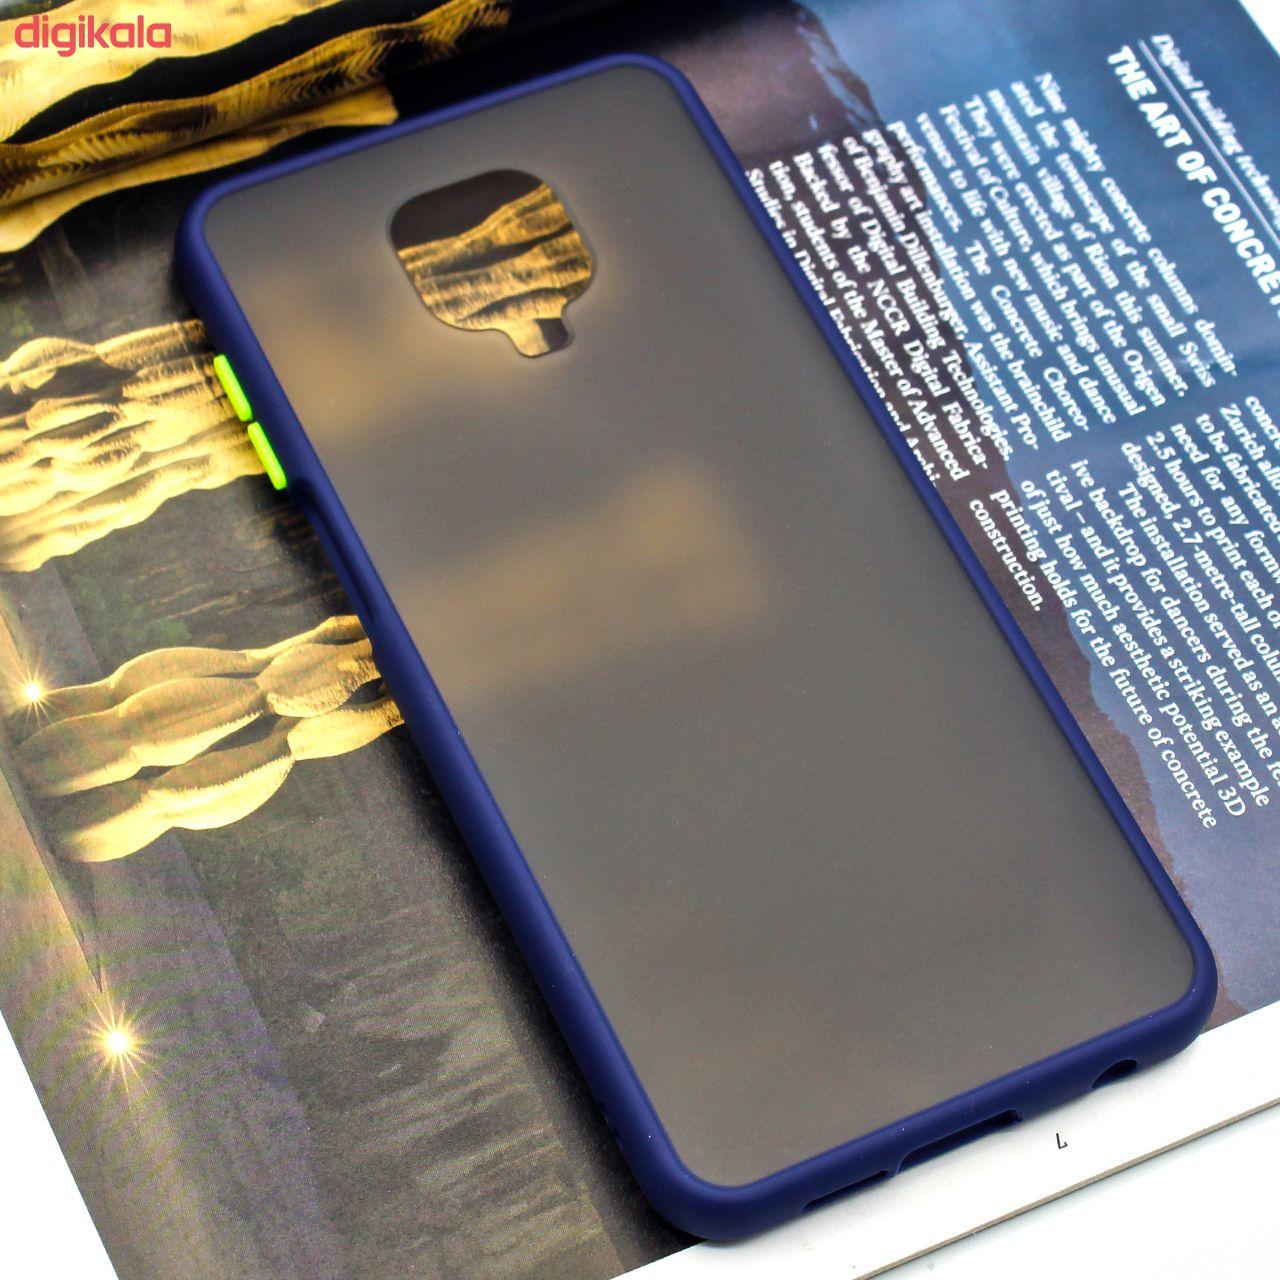 کاور لاین کینگ مدل M21 مناسب برای گوشی موبایل شیائومی Redmi Note 9S / Note 9 Pro / Note 9 Pro Max main 1 5